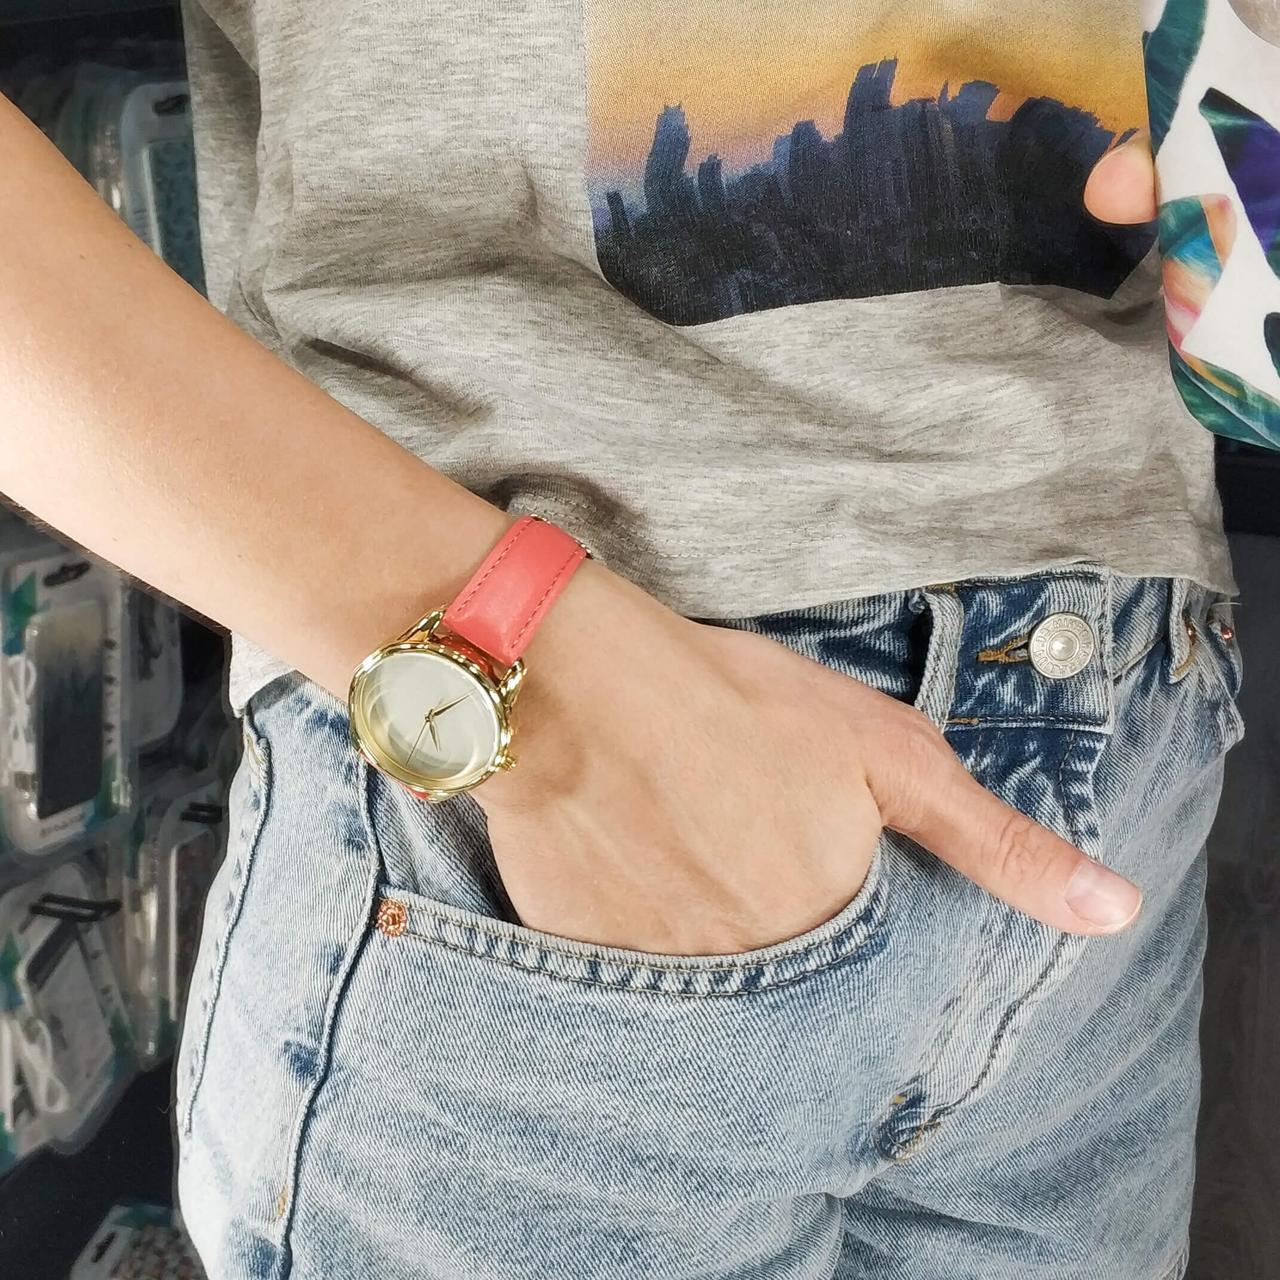 Часы ZIZ Минимализм (ремешок клубнично - коралловый, золото) + дополнительный ремешок